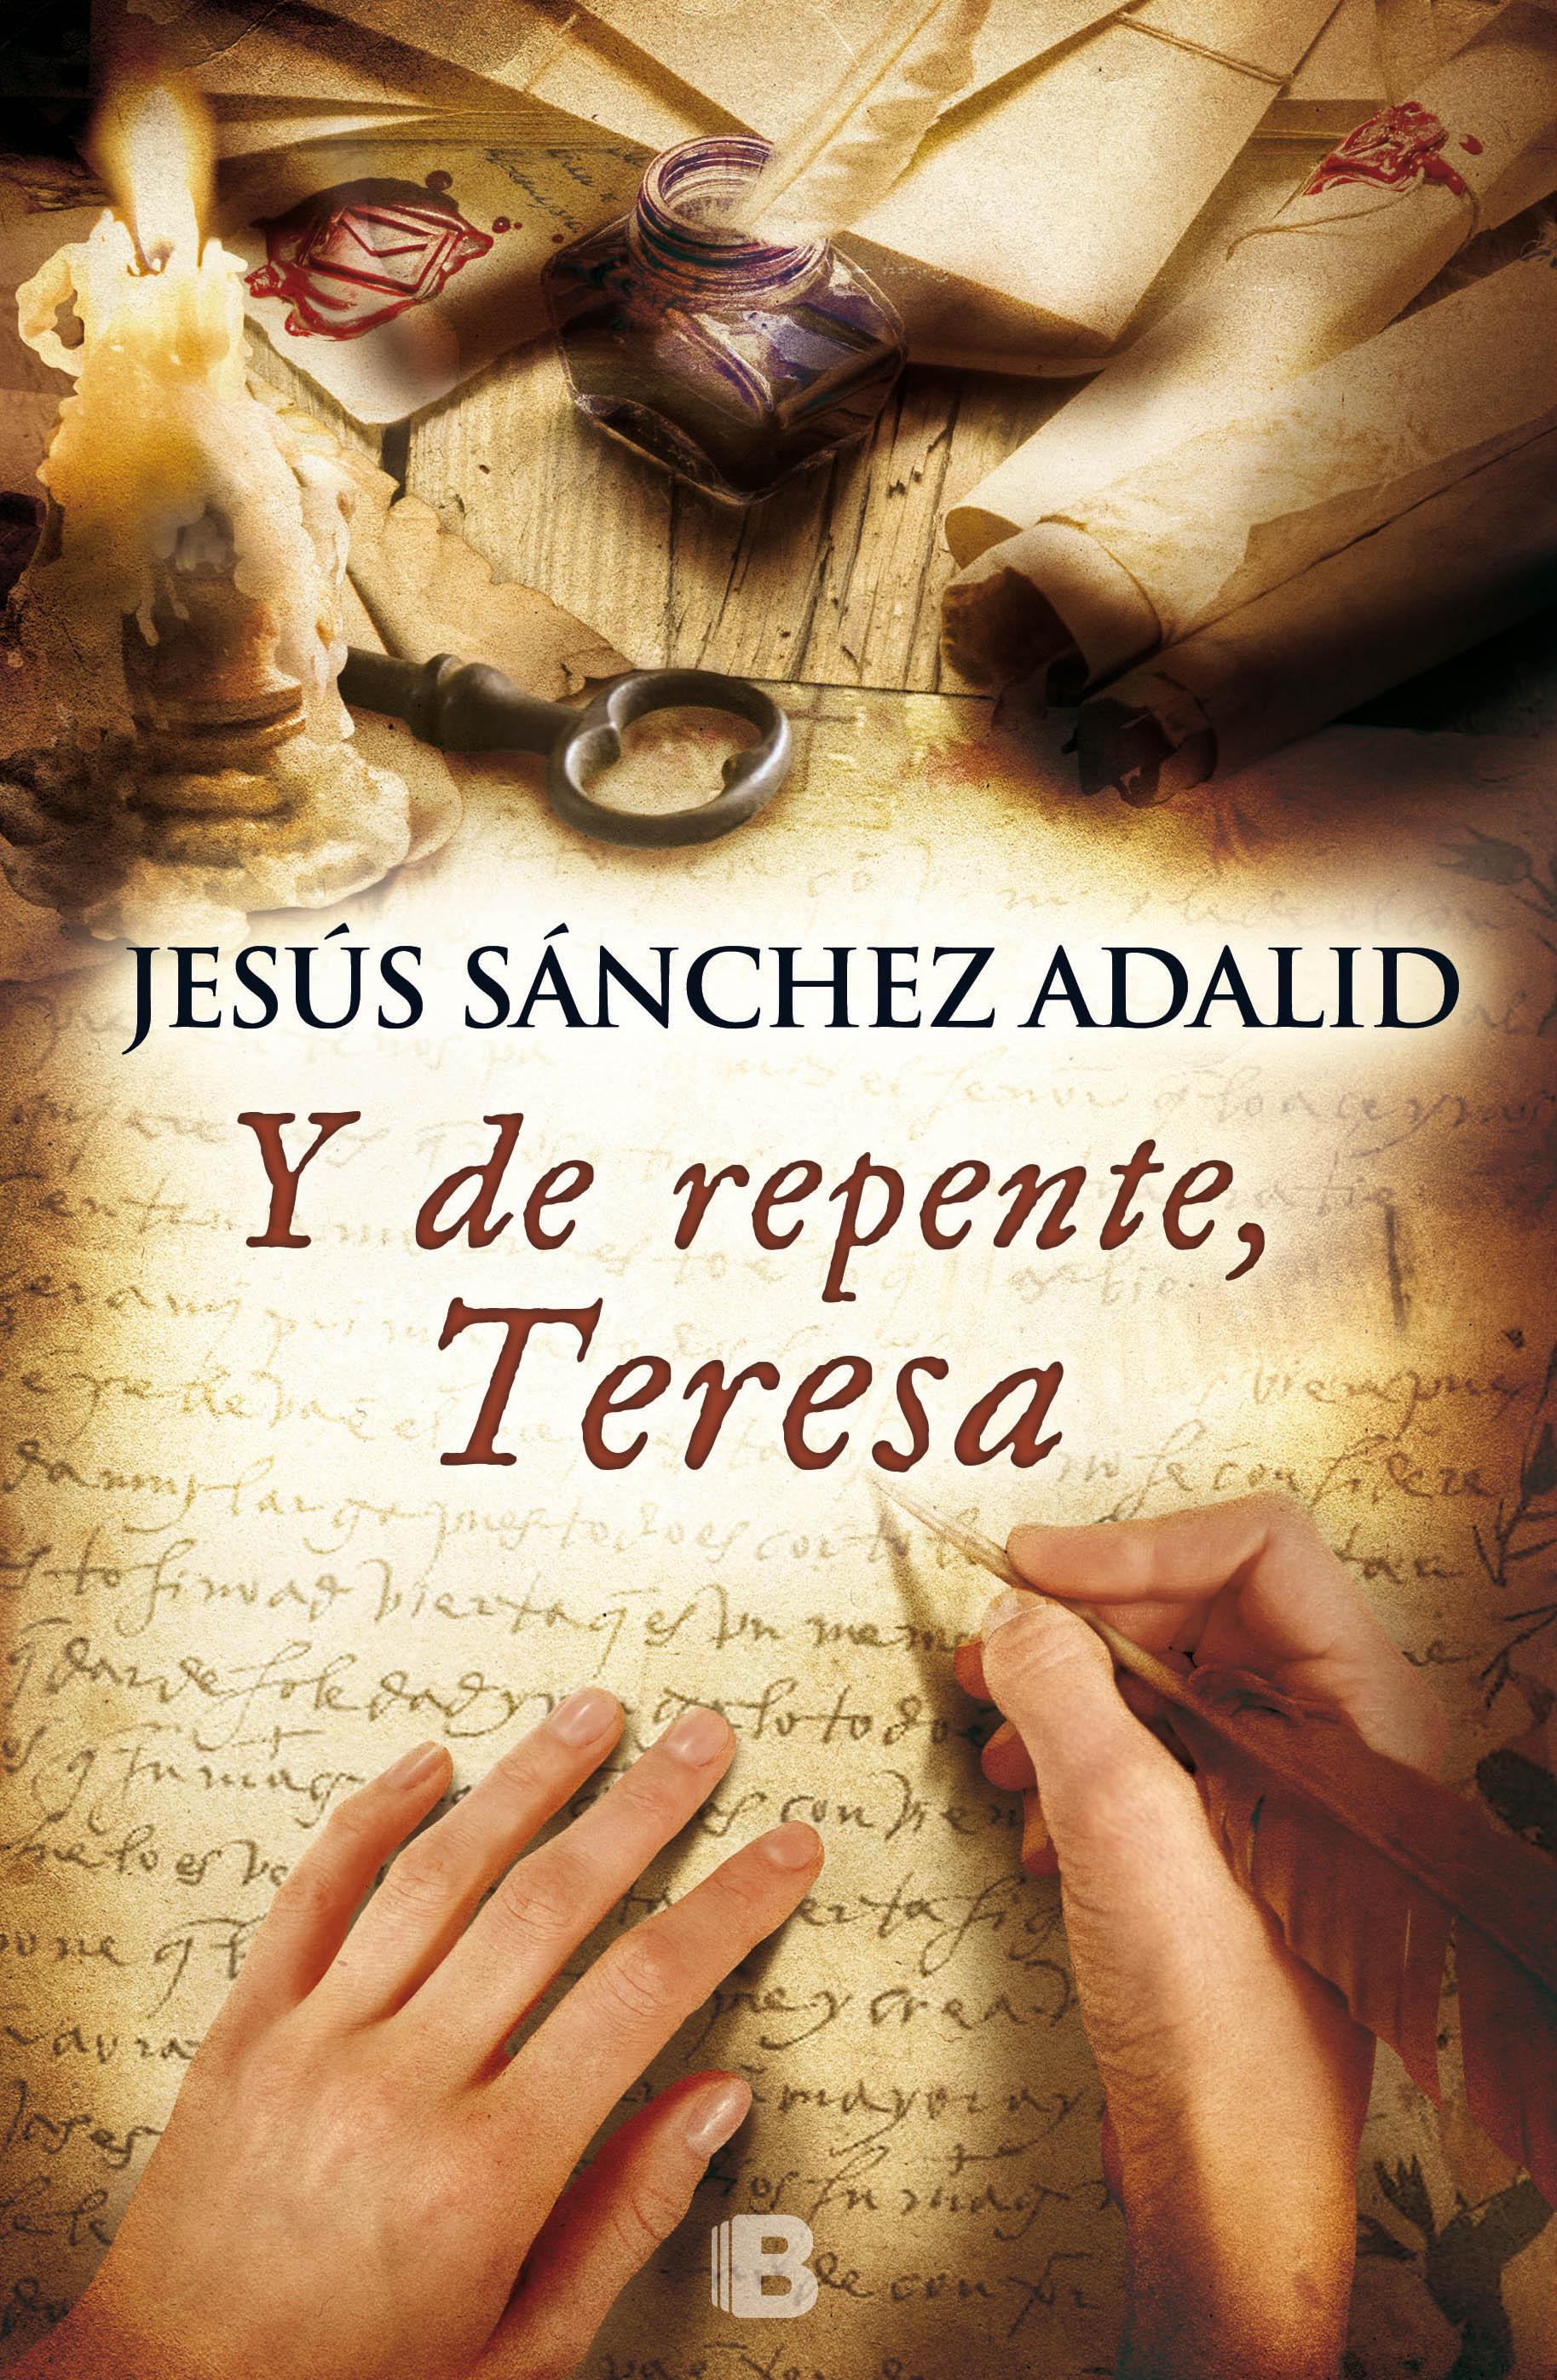 Y de repente Teresa (1)